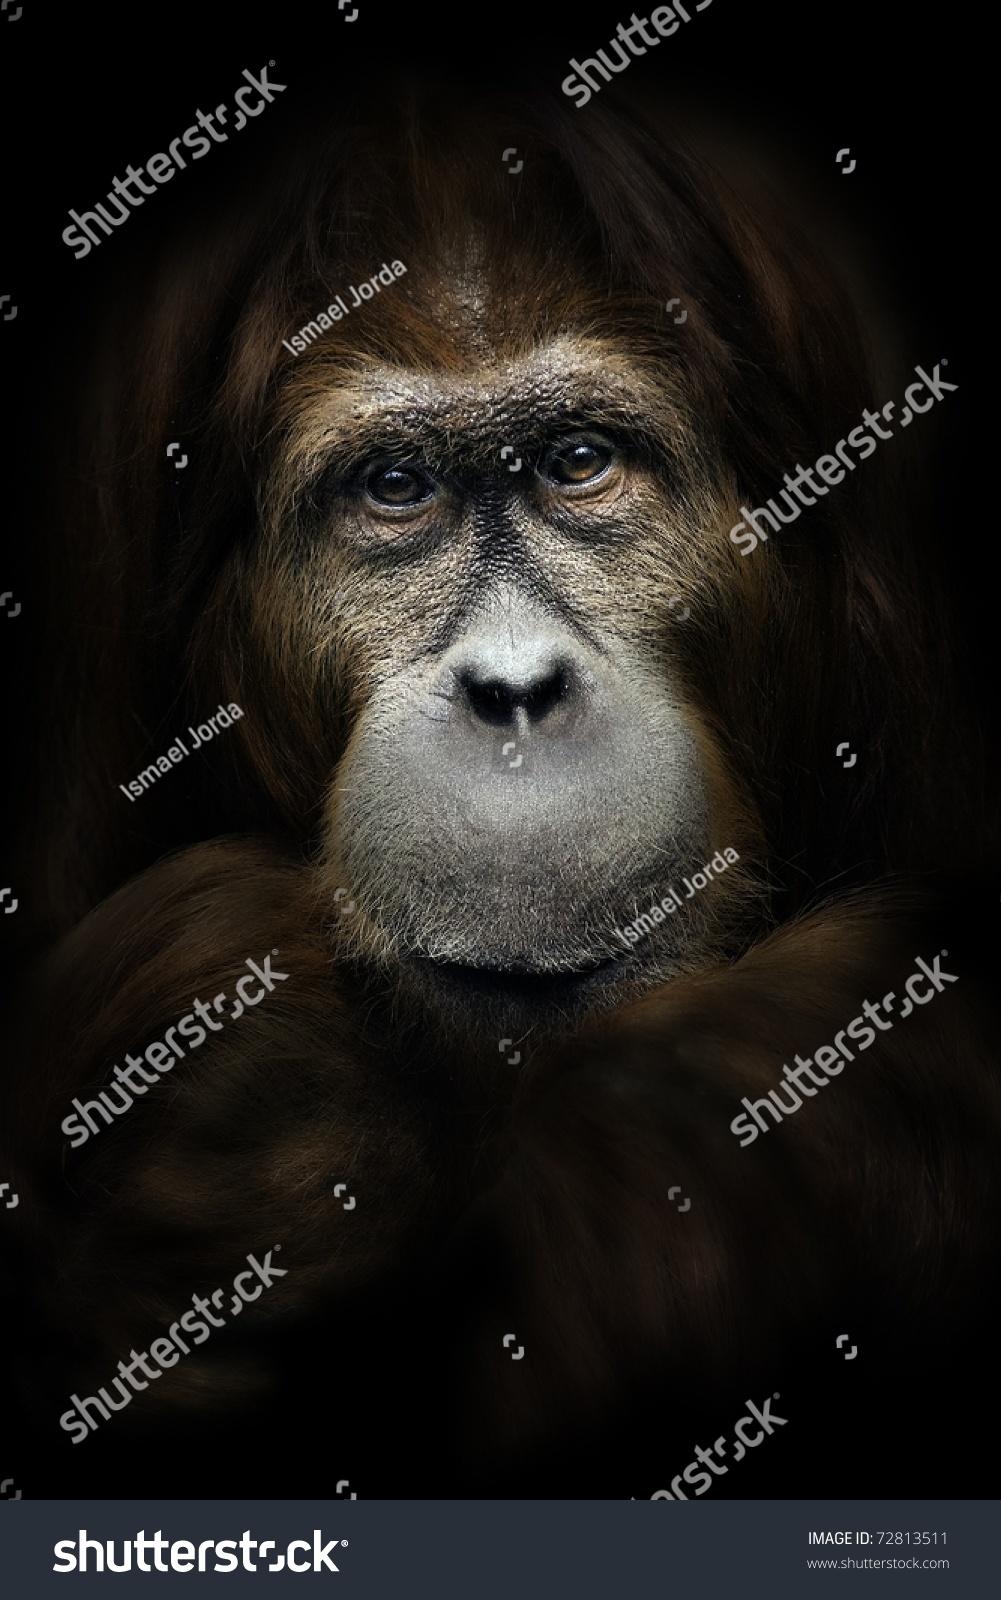 猩猩特写肖像-动物/野生生物